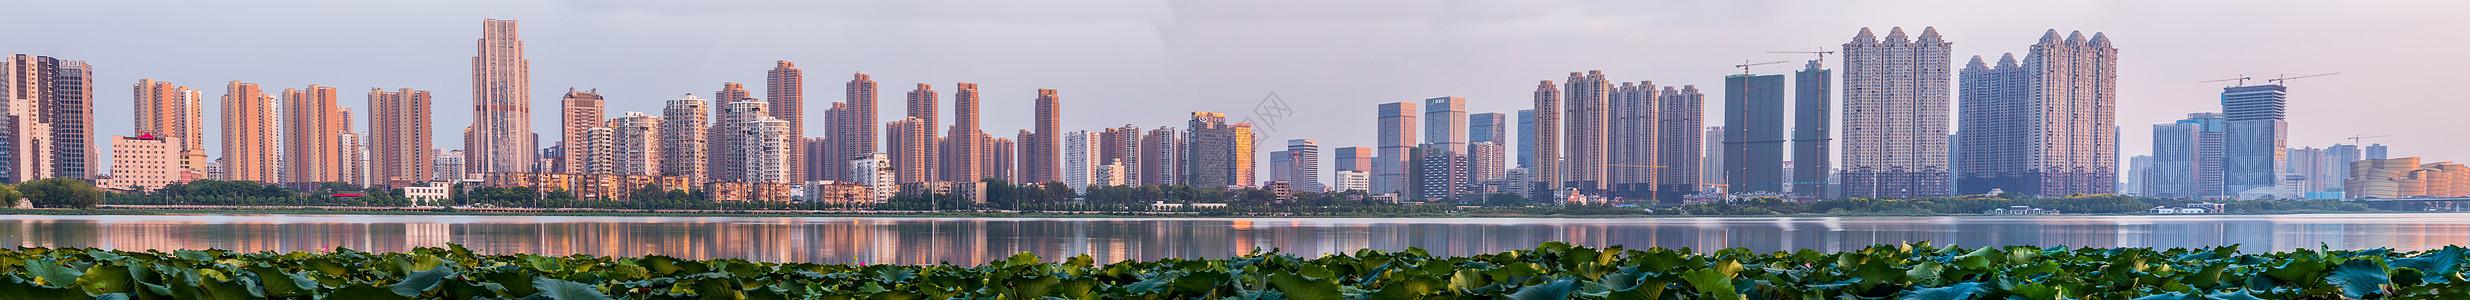 武汉城市建筑全景图图片